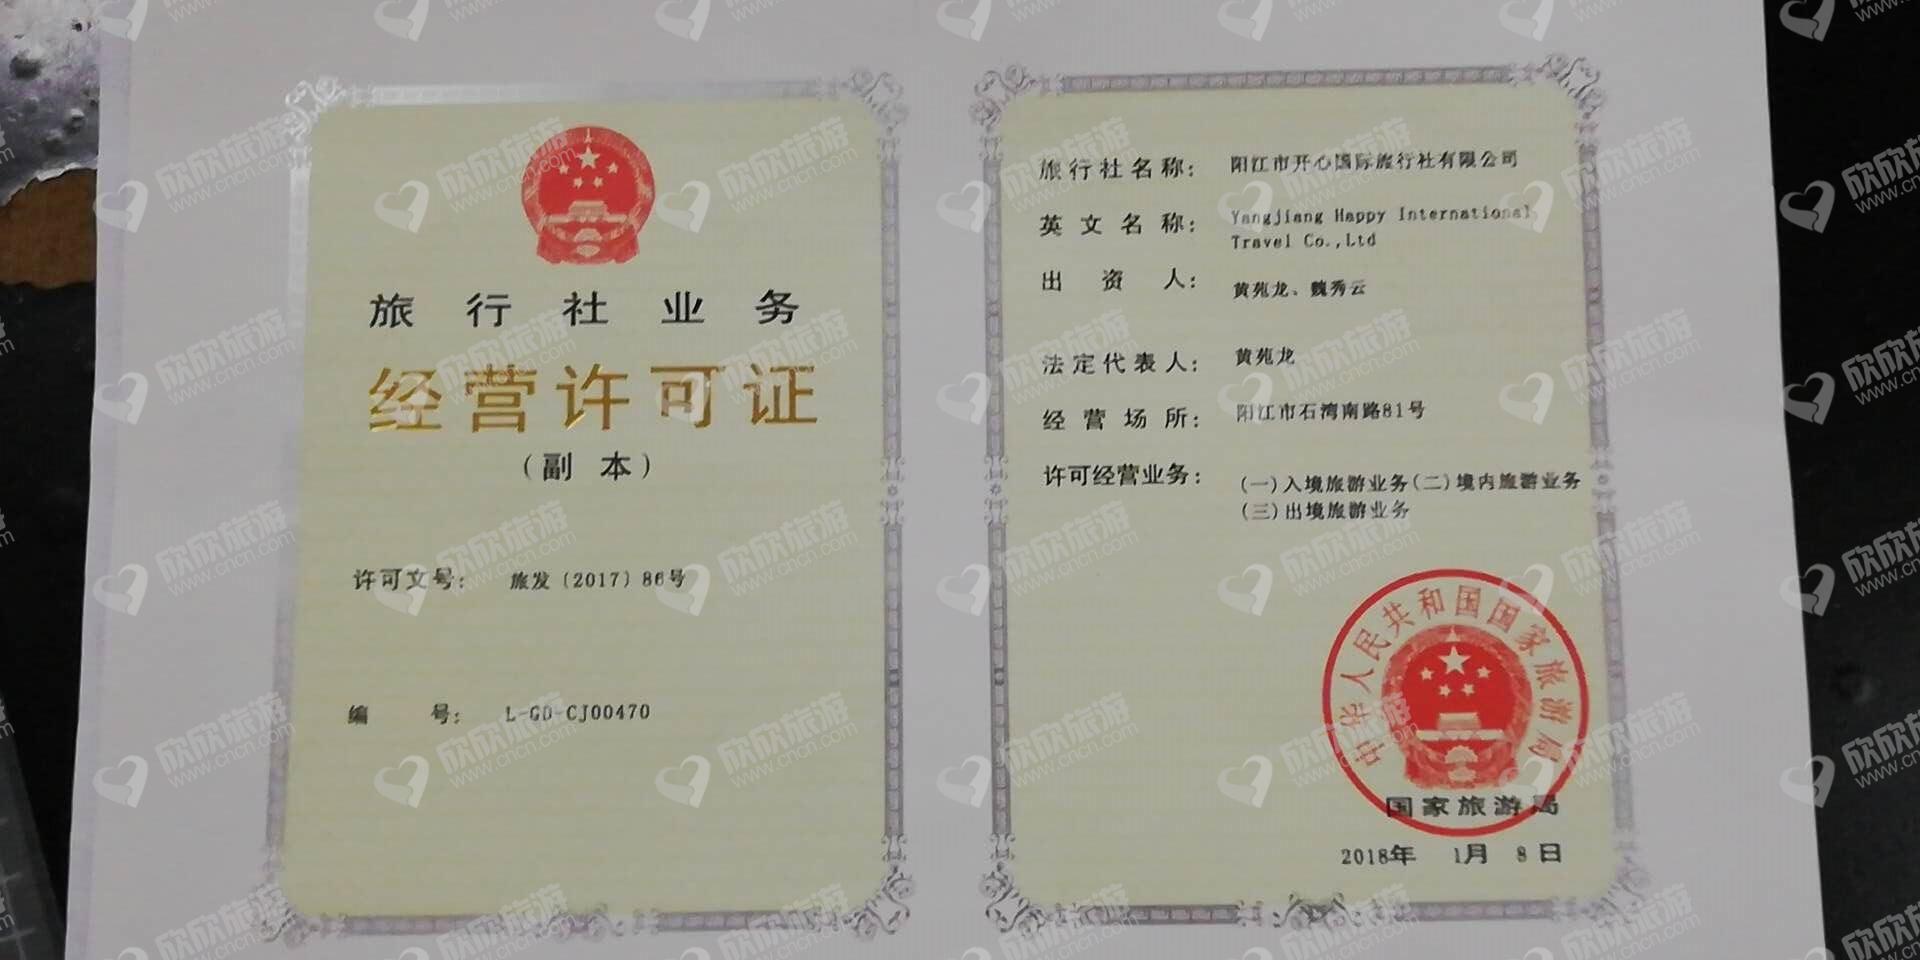 阳江市开心国际旅行社有限公司阳春红旗路营业部经营许可证